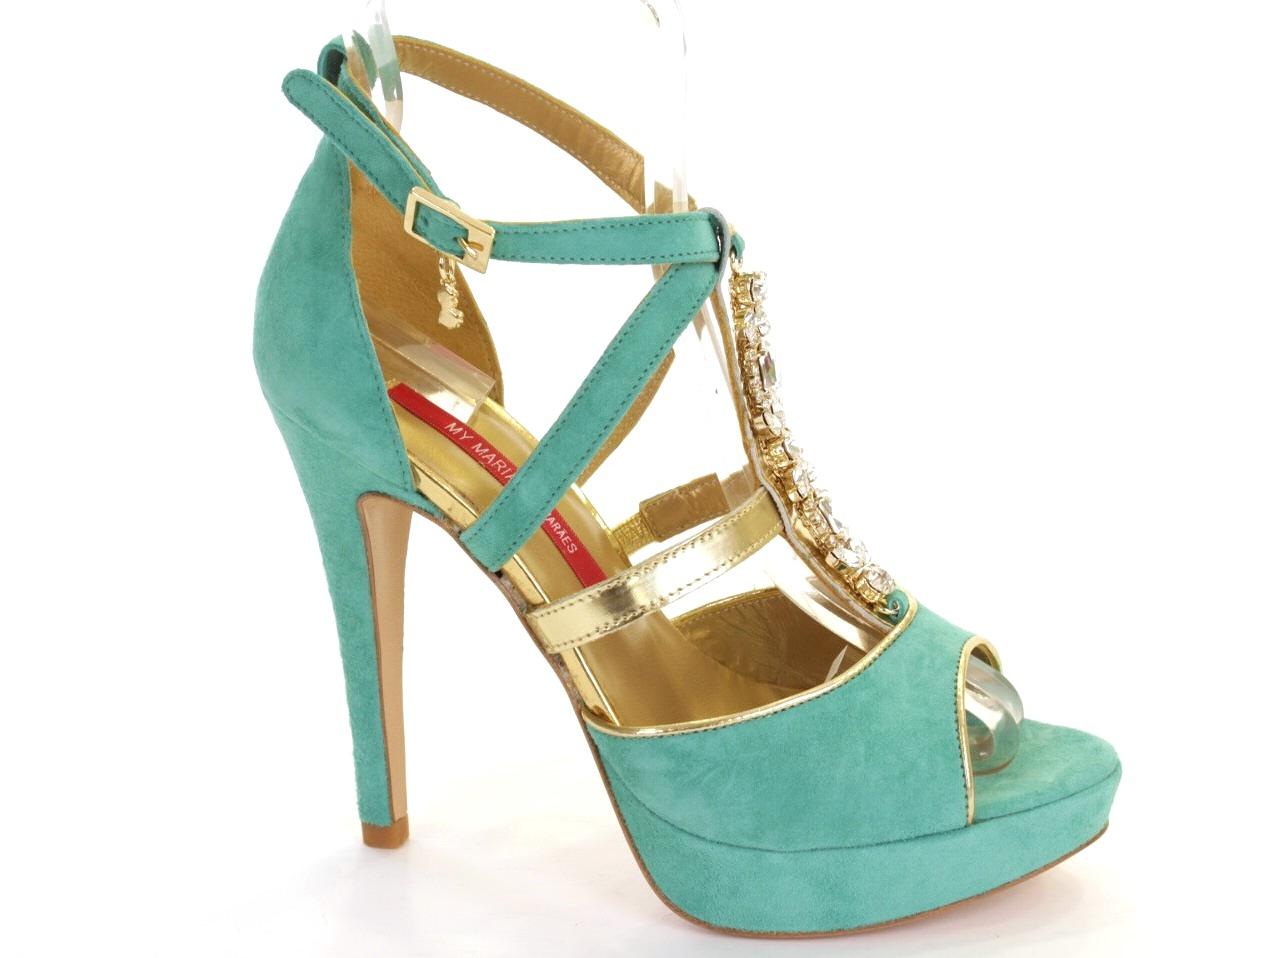 Heel Sandals My Maria Guimarães - 639 MY CLOE